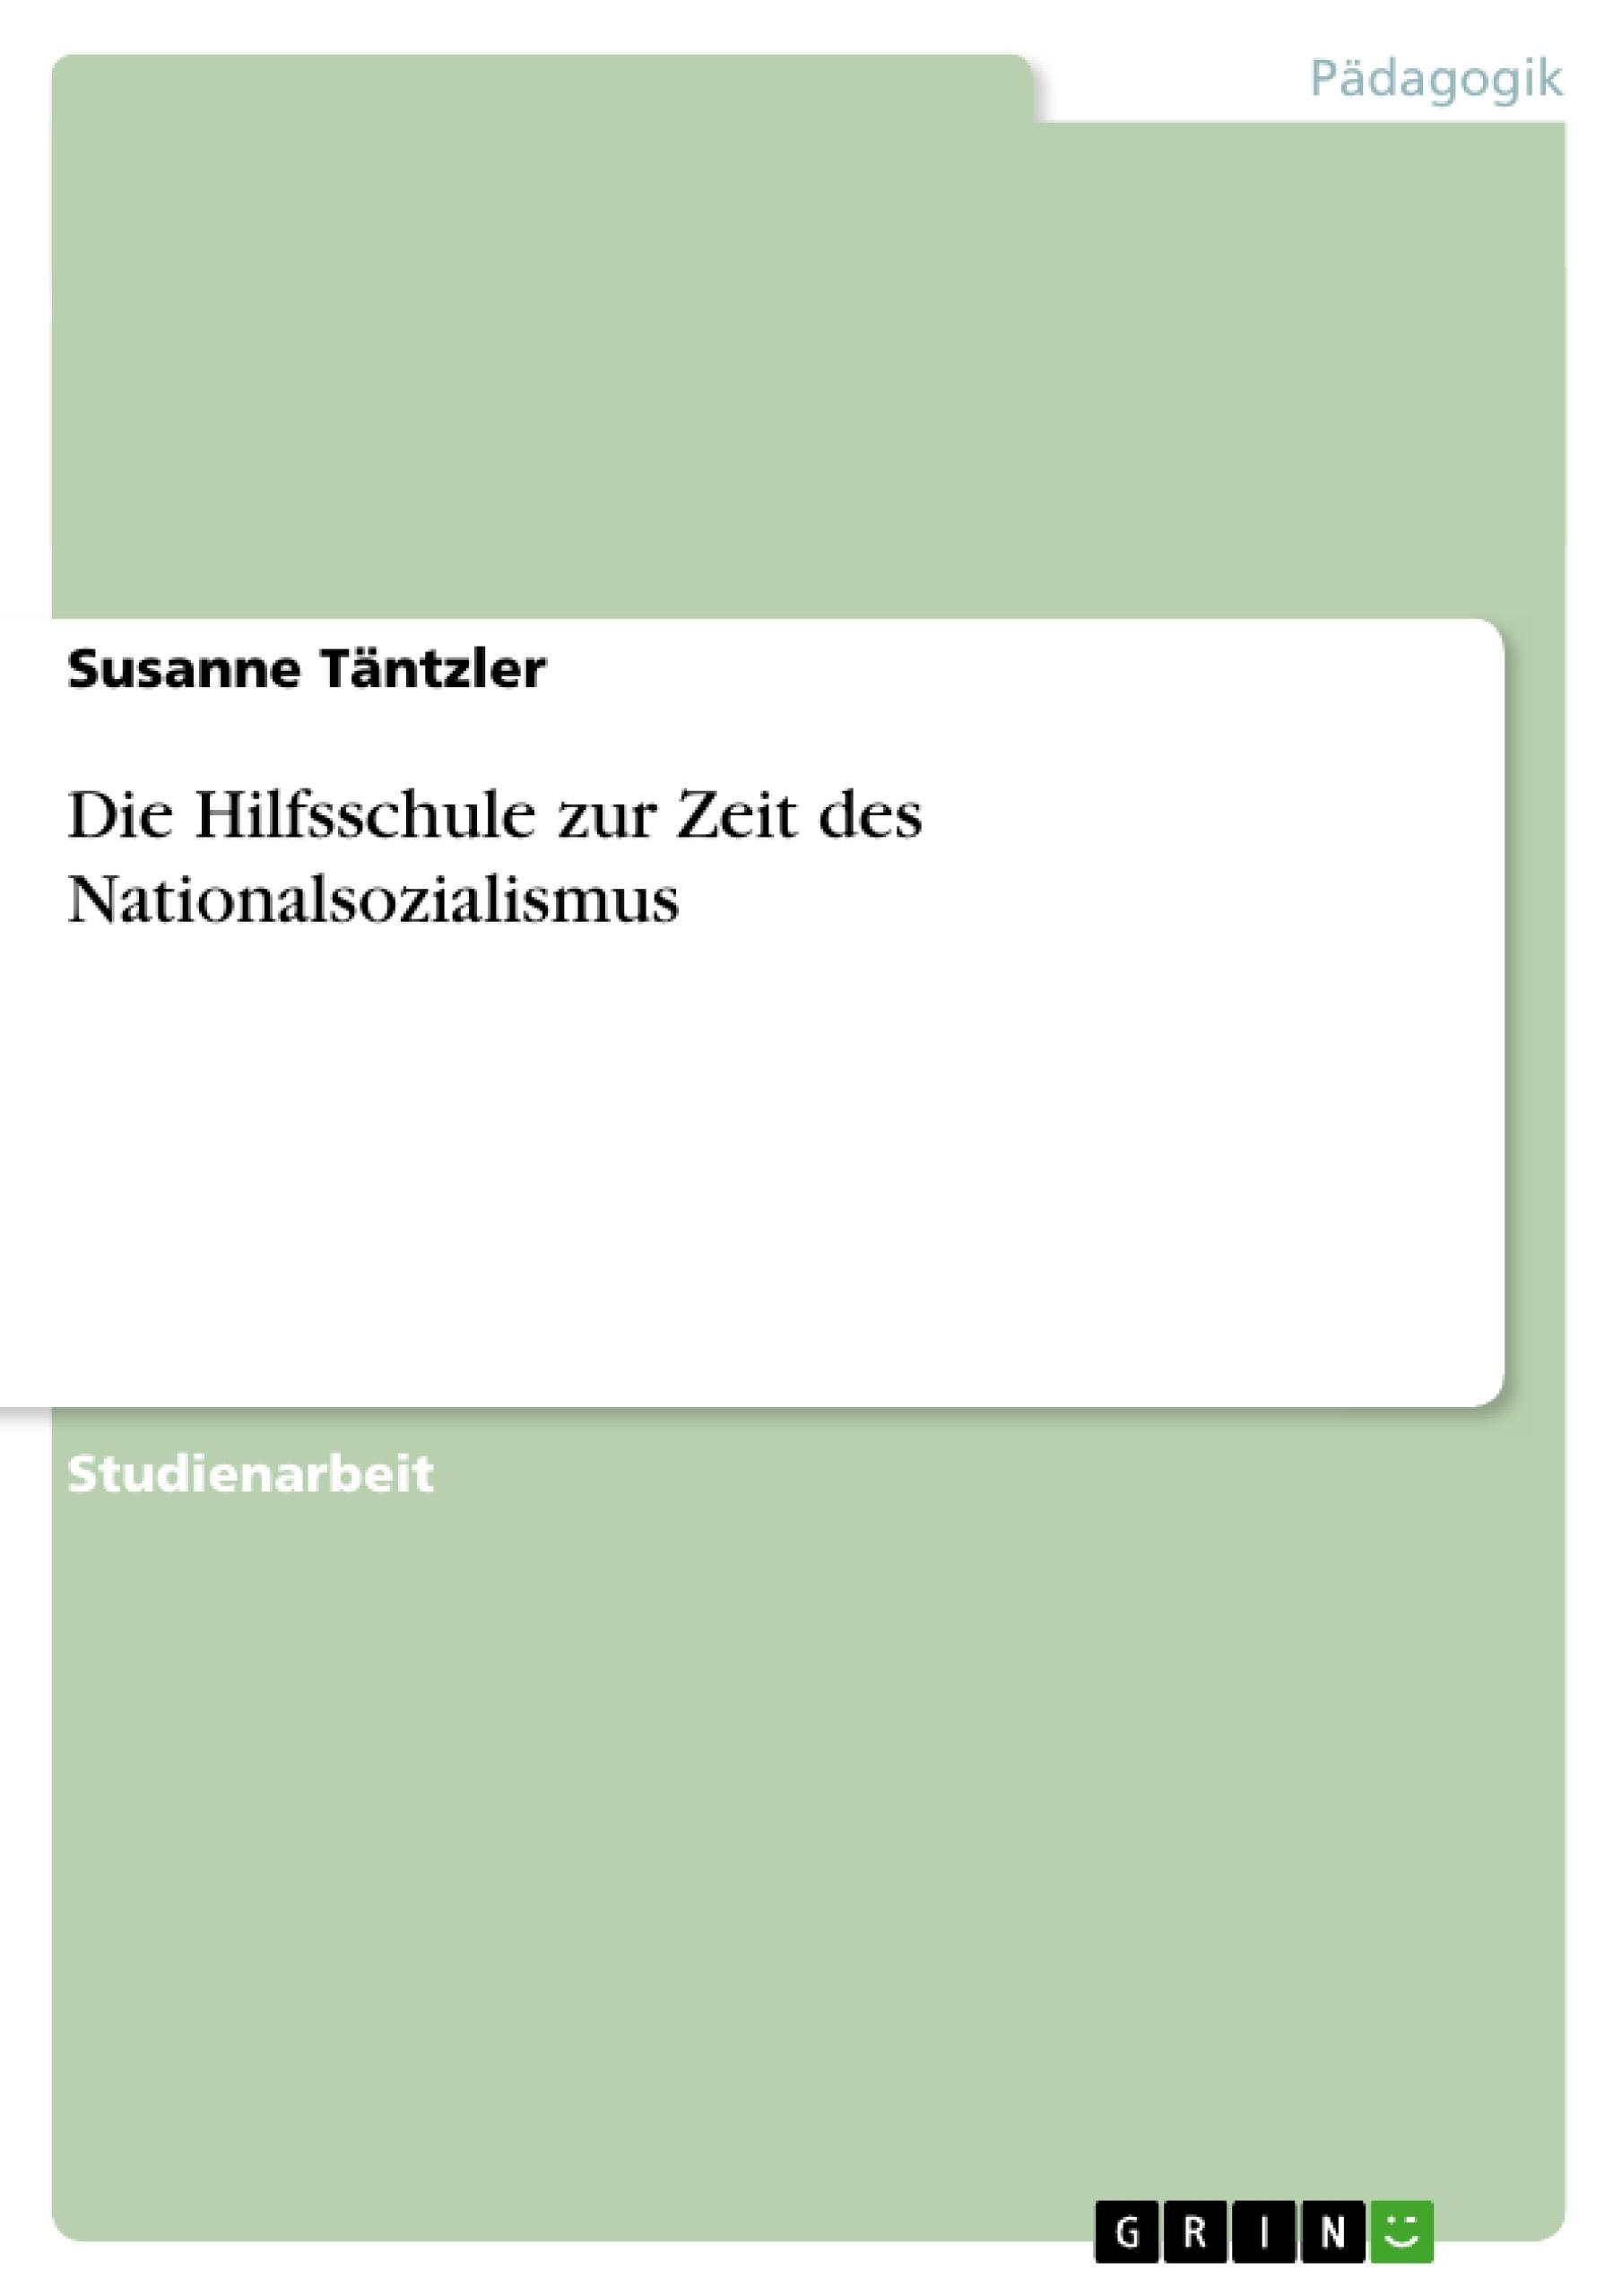 Titel: Die Hilfsschule zur Zeit des Nationalsozialismus